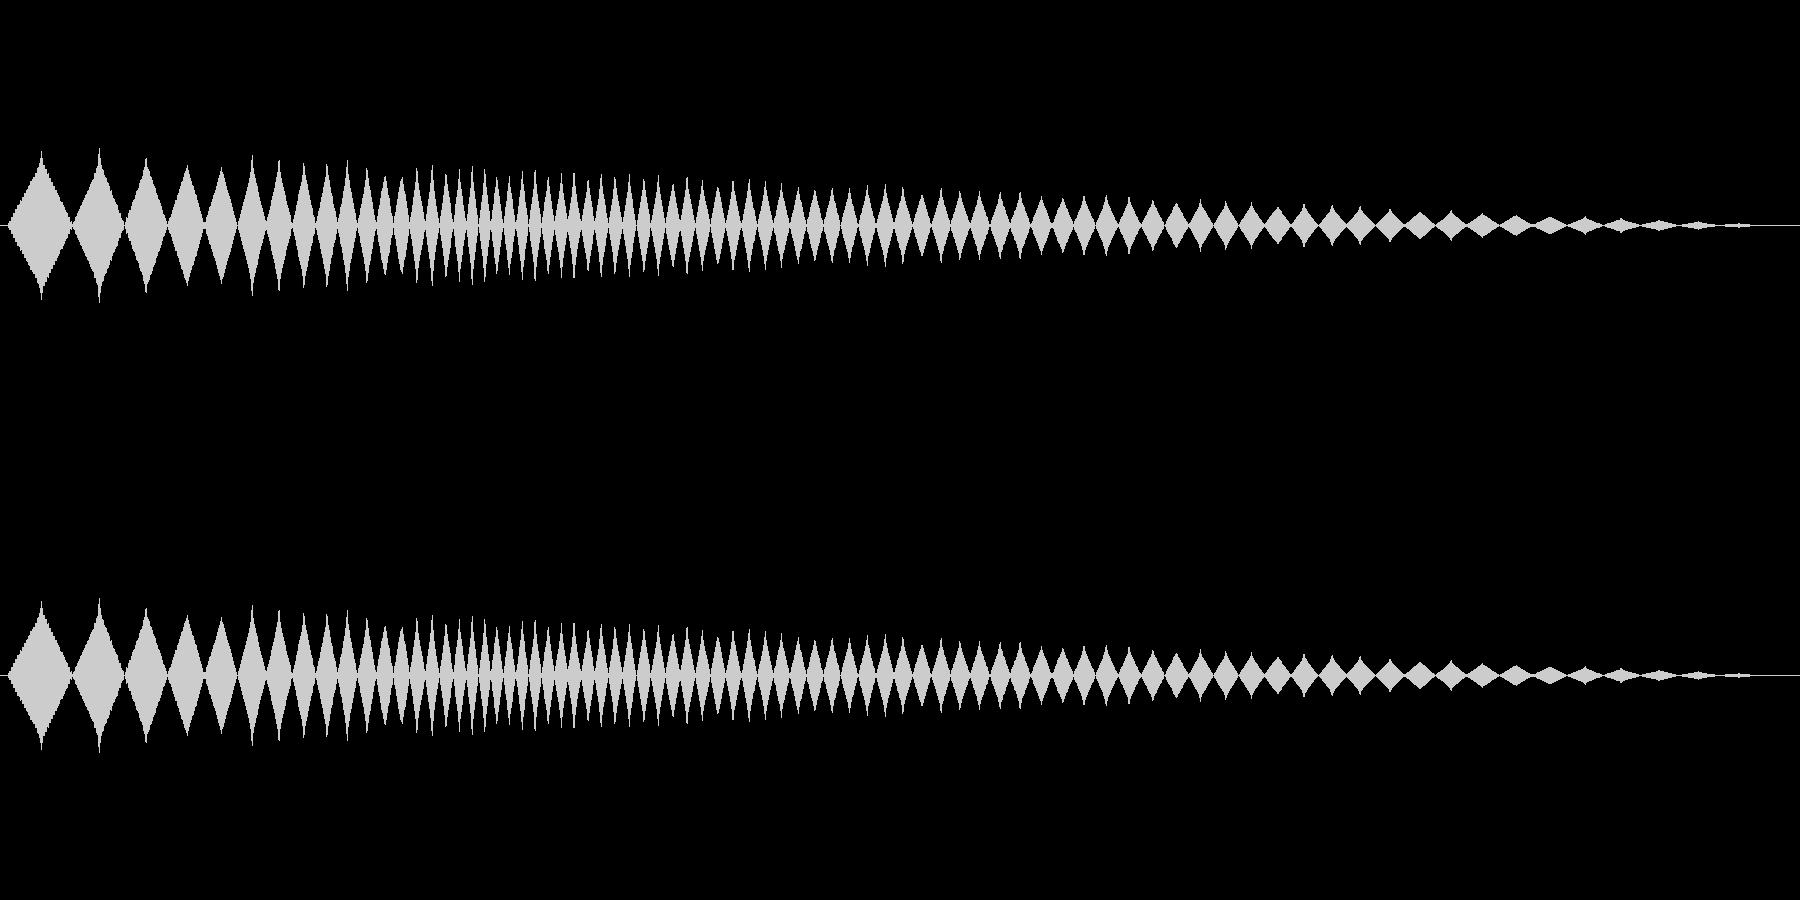 レトロゲーム風ショット音3の未再生の波形